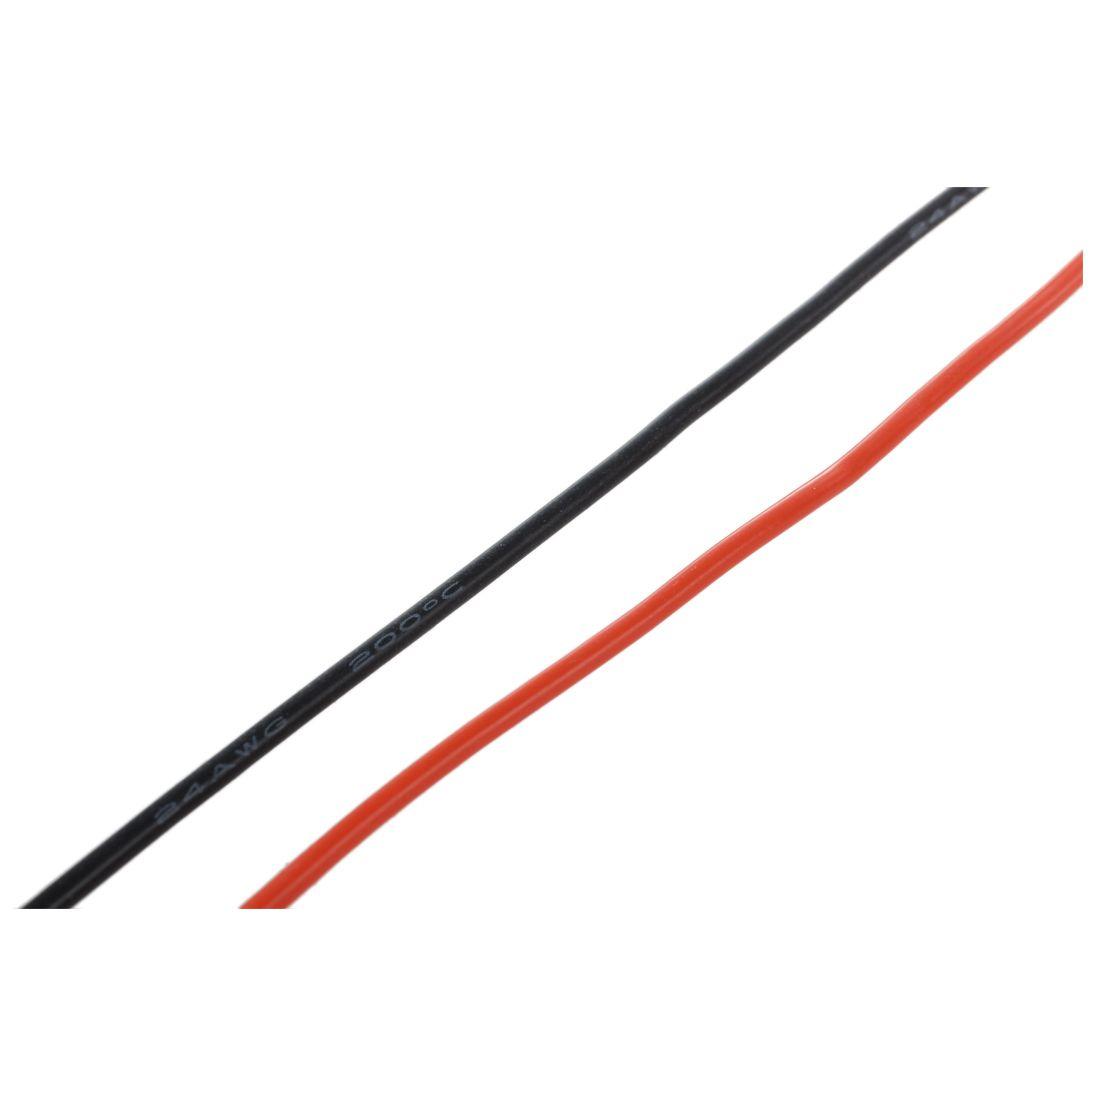 2x 3M 24 Calibre AWG Caoutchouc Silicone Fil de Cable Rouge Noir flexible W7D6